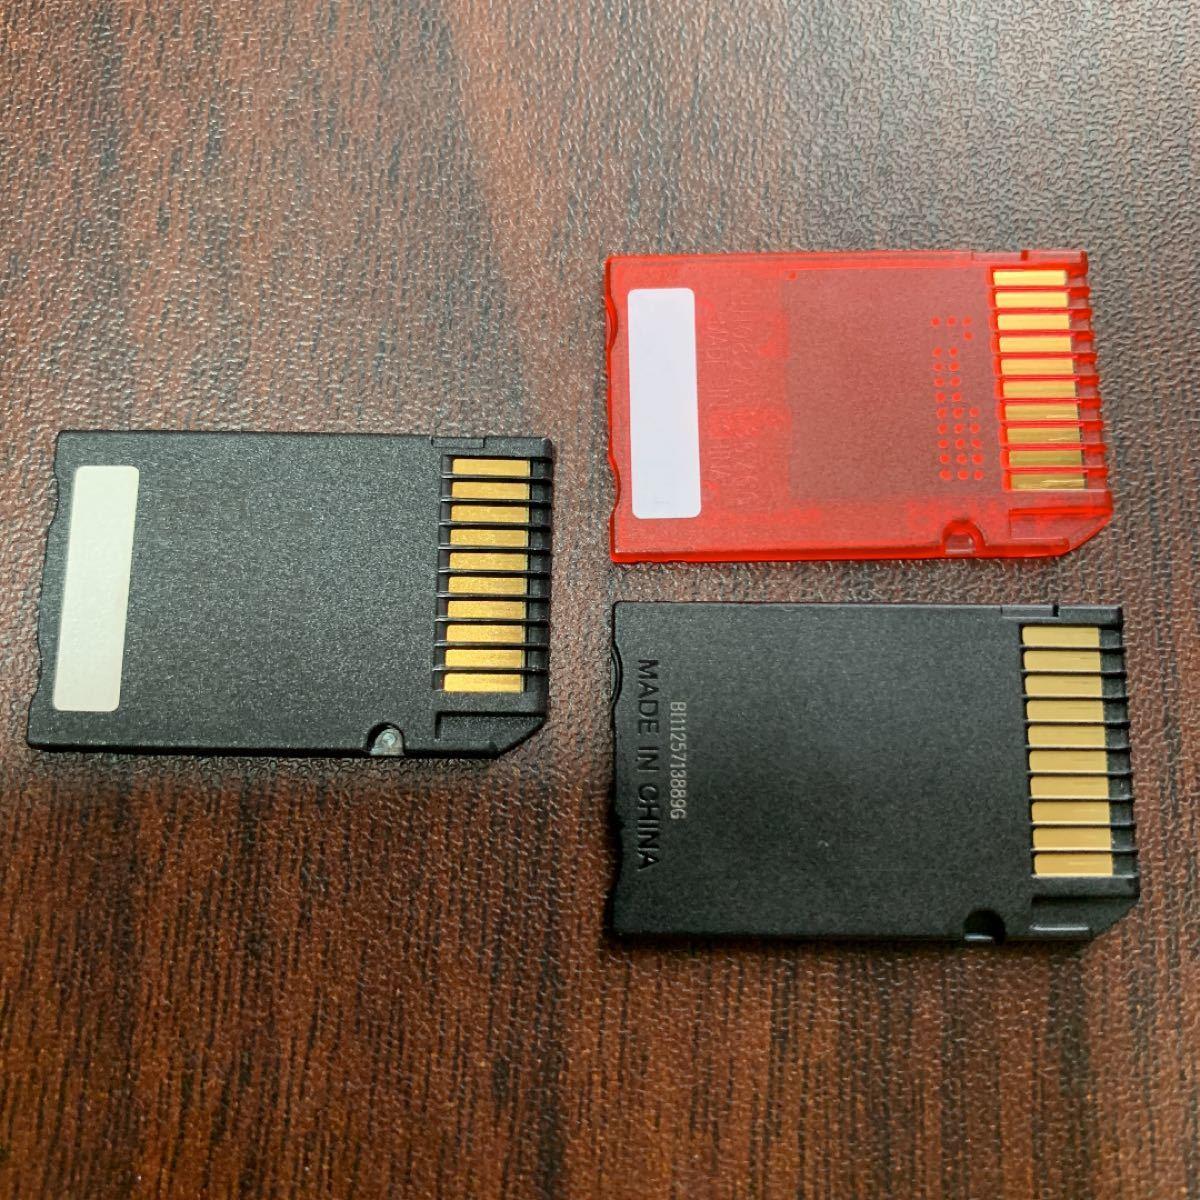 メモリースティックPRO Duo 3枚